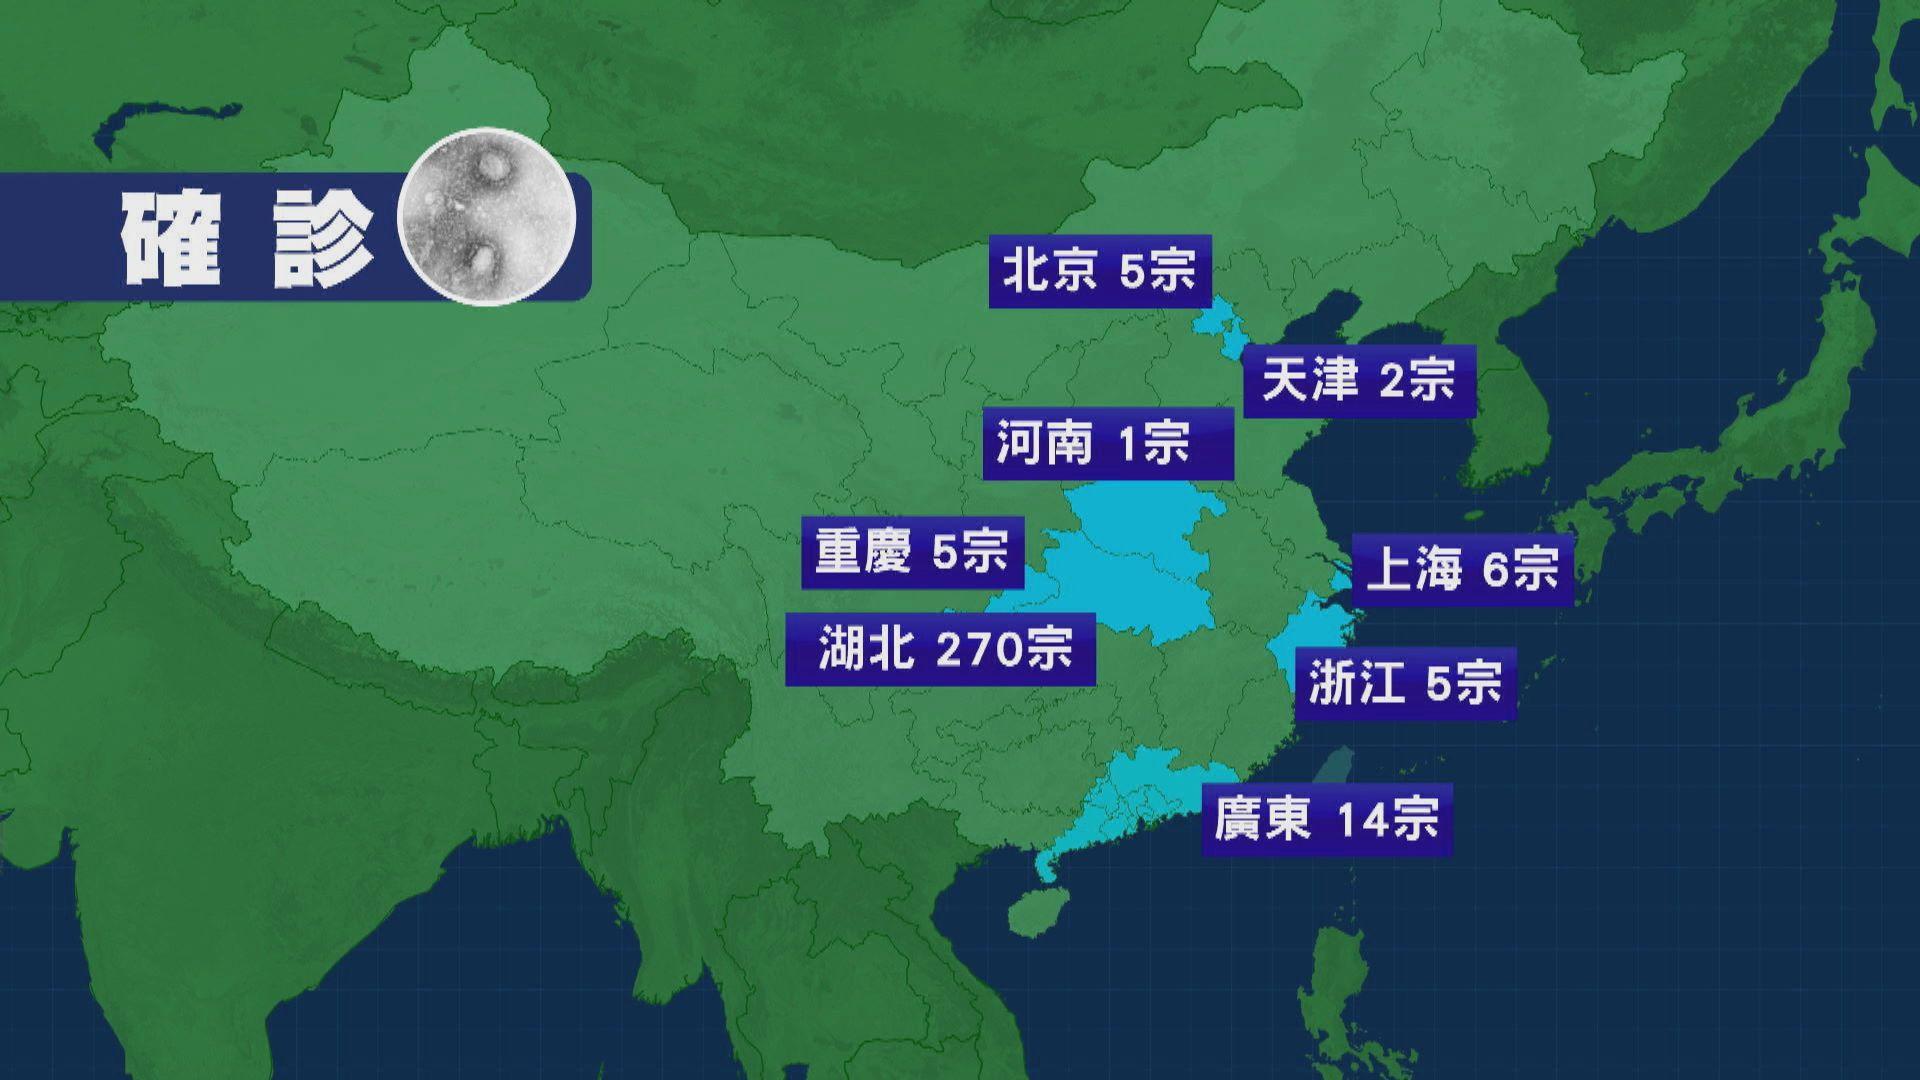 全球累計313宗武漢新型肺炎病例 重慶出現首宗案例